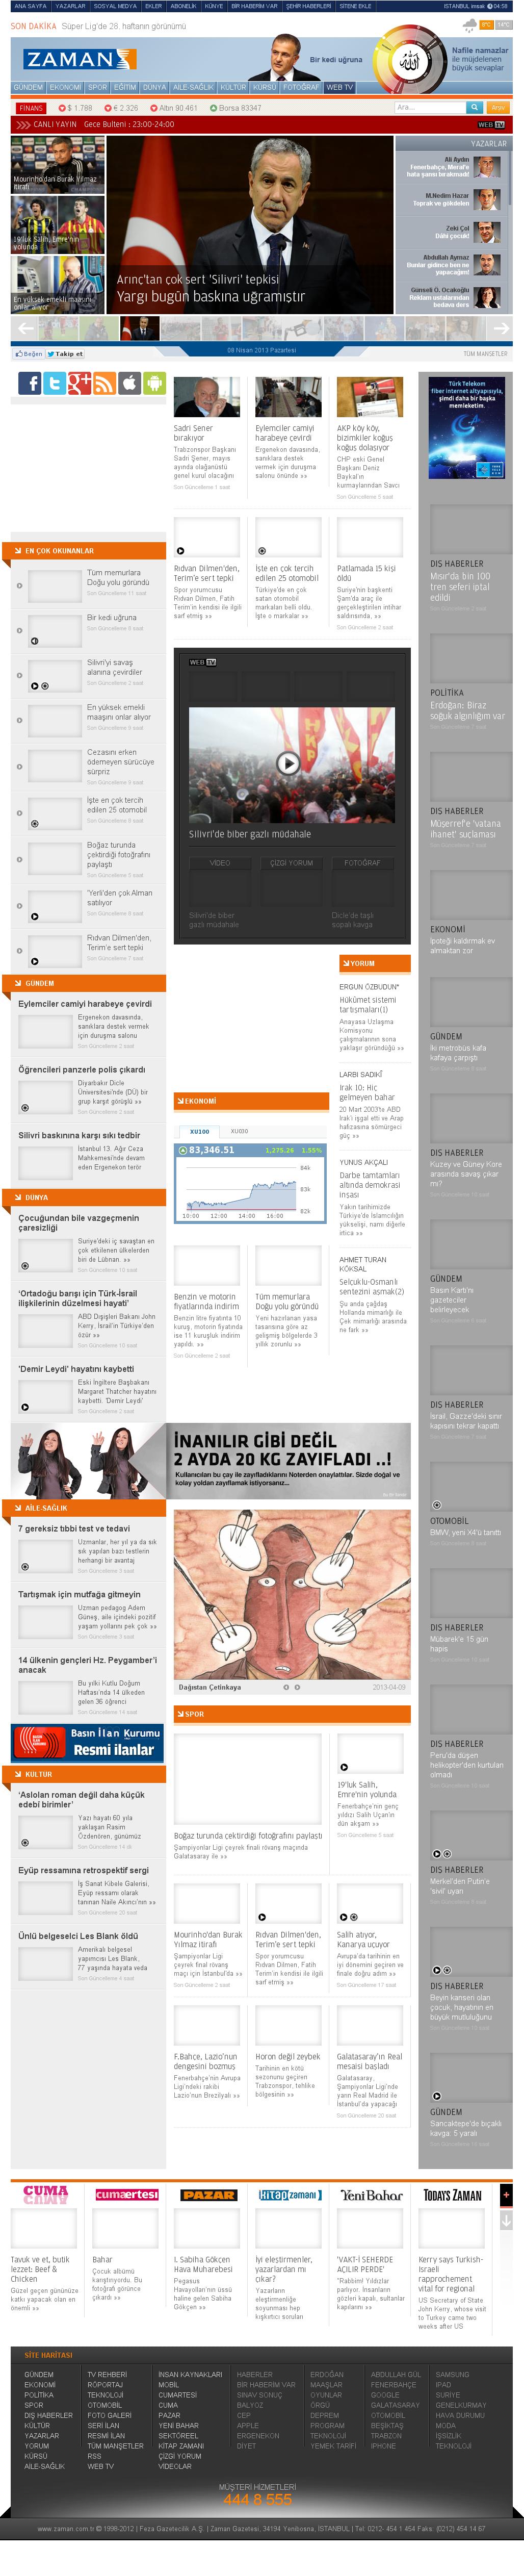 Zaman Online at Monday April 8, 2013, 8:42 p.m. UTC